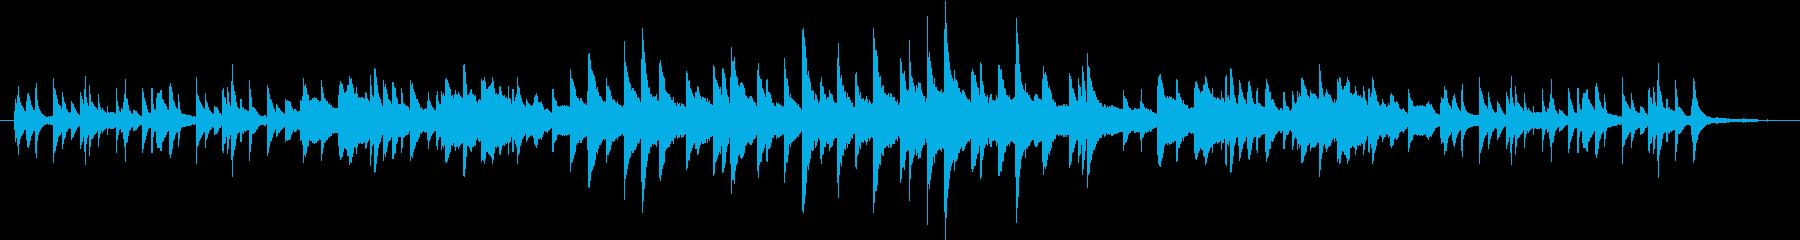 感動的なピアノバラードの再生済みの波形